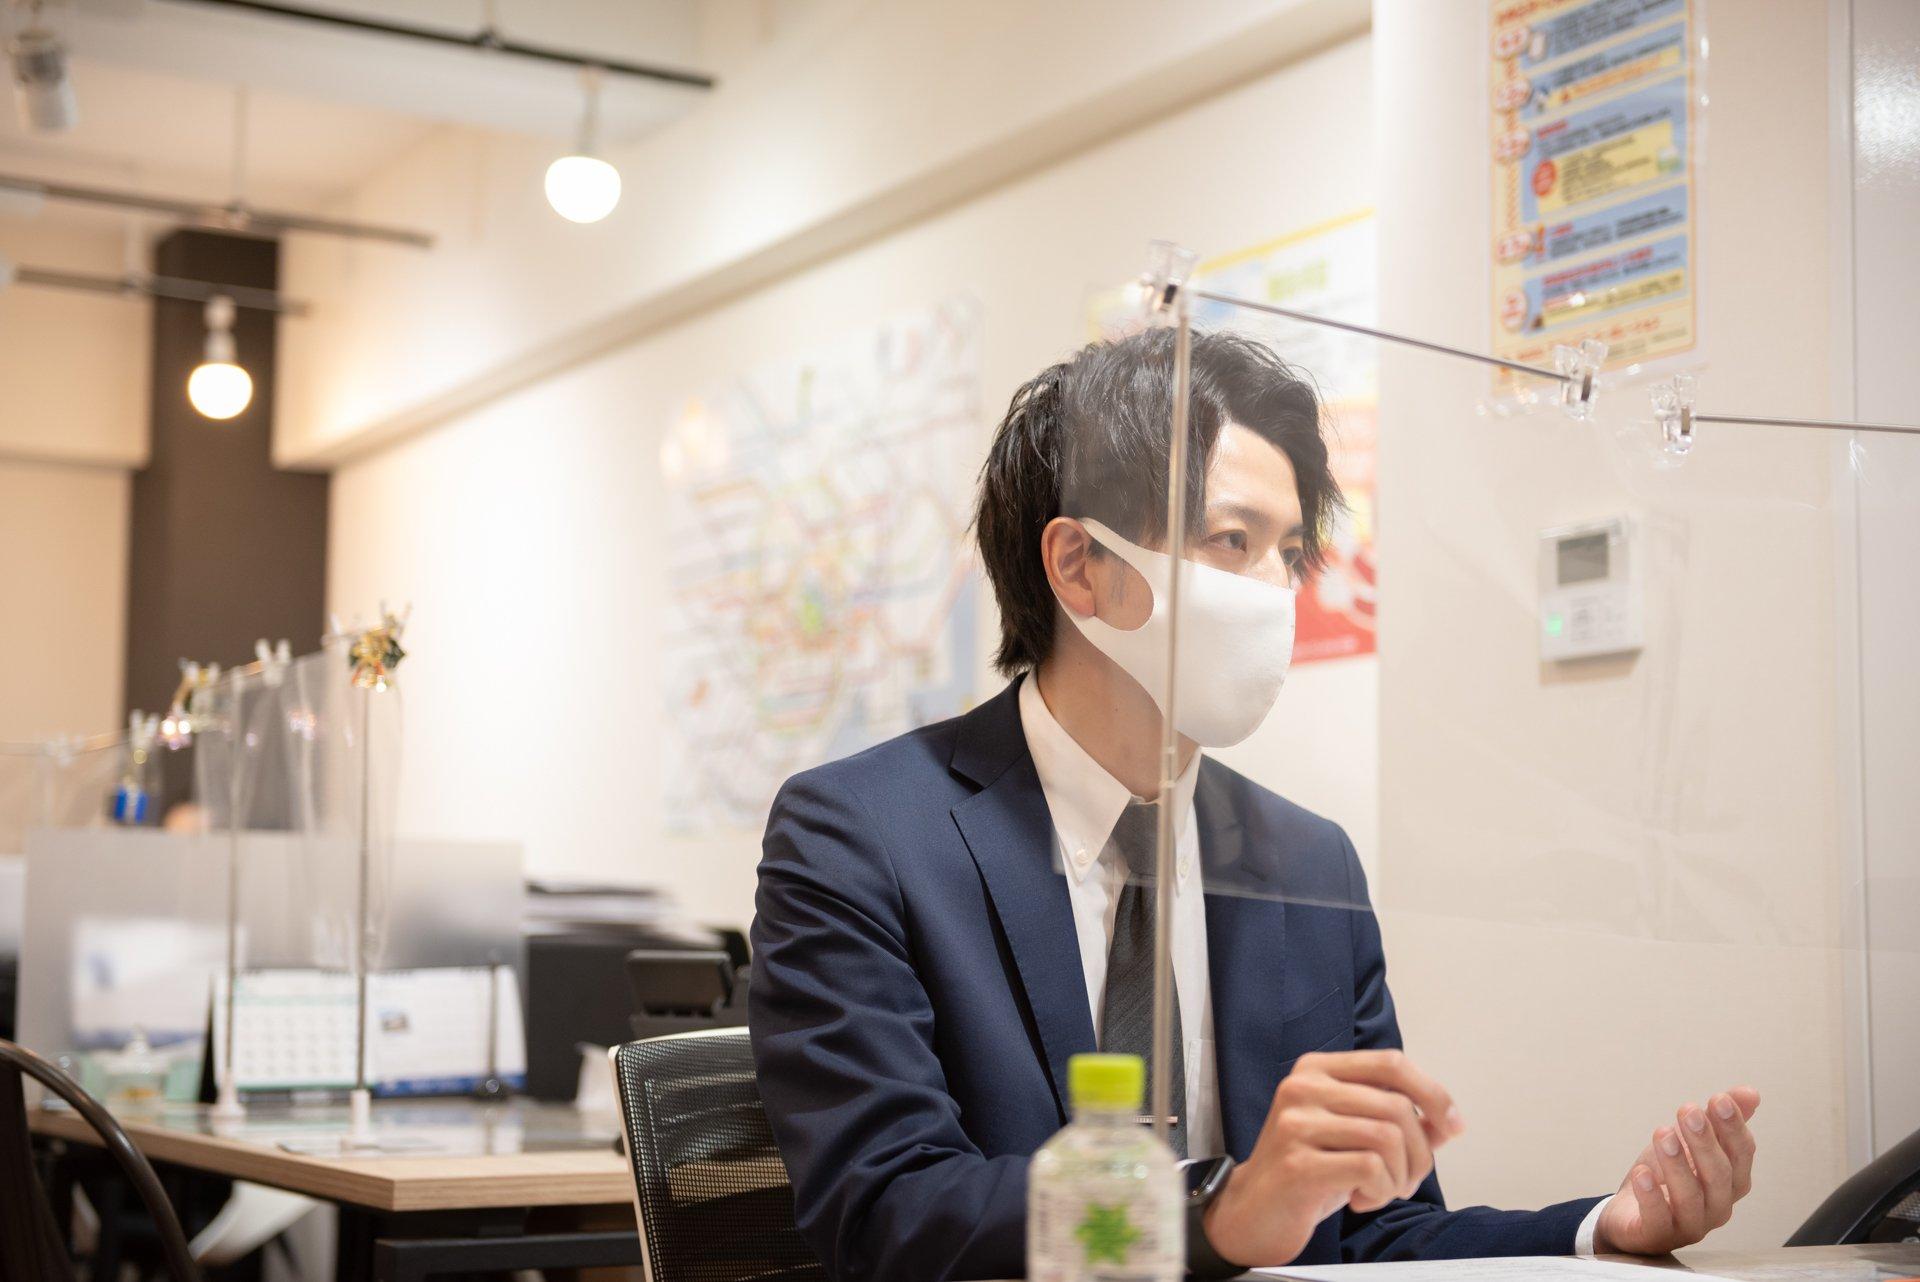 15_【イタンジン】アブレイズコーポレーション様